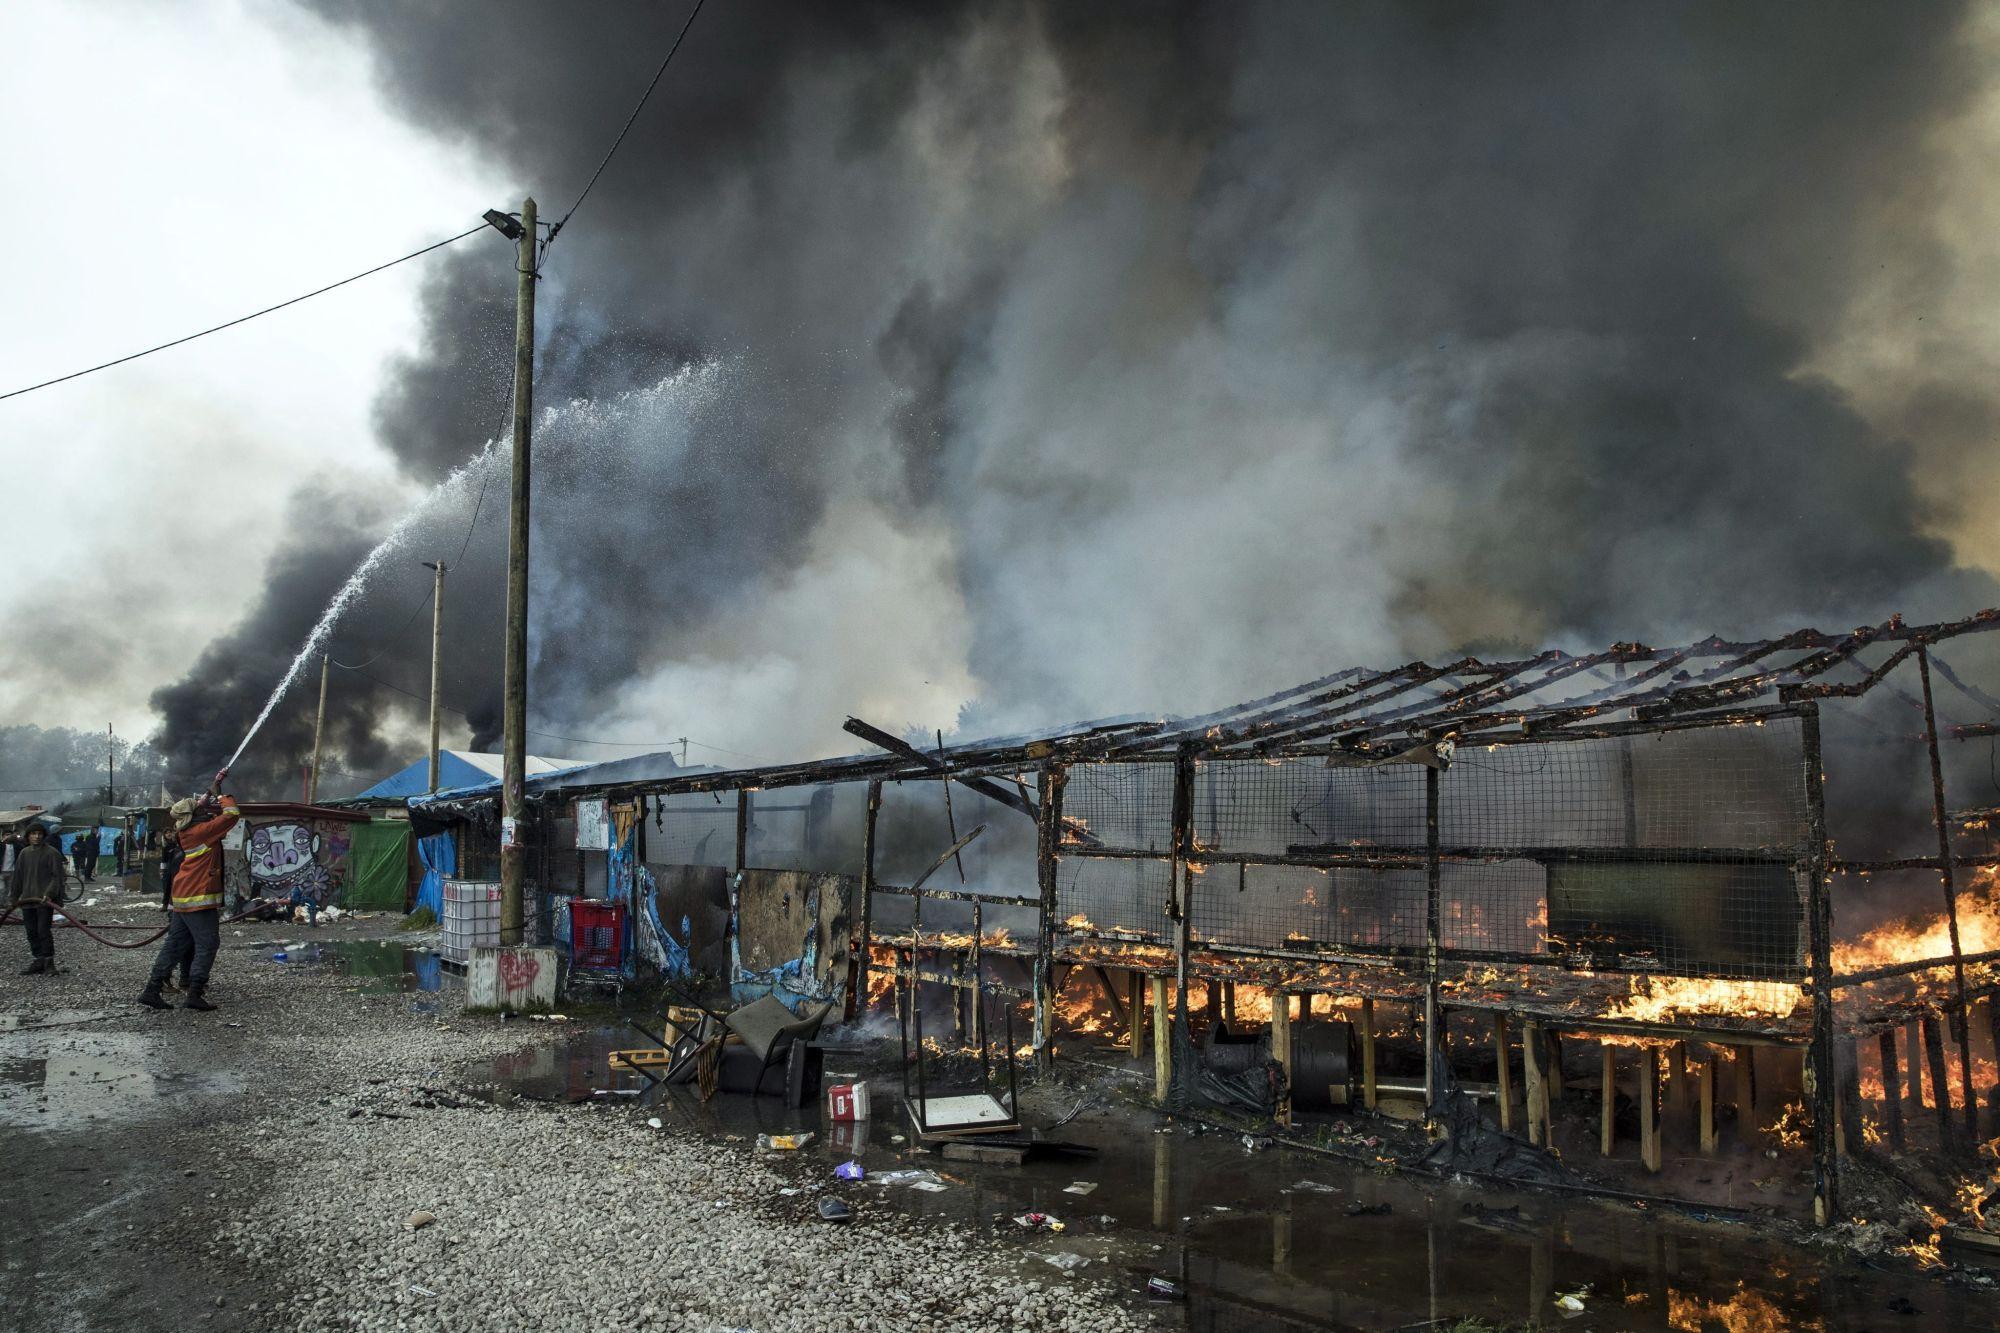 Calais, 2016. október 26. Tűzoltó harcol a lángokkal távozó migránsok által felgyújtott bódék füstölgő maradványainál az észak-franciaországi Calais-ban engedély nélkül létesített szükségtábor bontási munkálatai alatt 2016. október 26-án. A francia hatóságok két nappal korábban kezdték meg a Dzsungelnek nevezett tábor felszámolását, a kiürítés a tervek szerint egy hét alatt lezajlik. (MTI/EPA/Etienne Laurent)